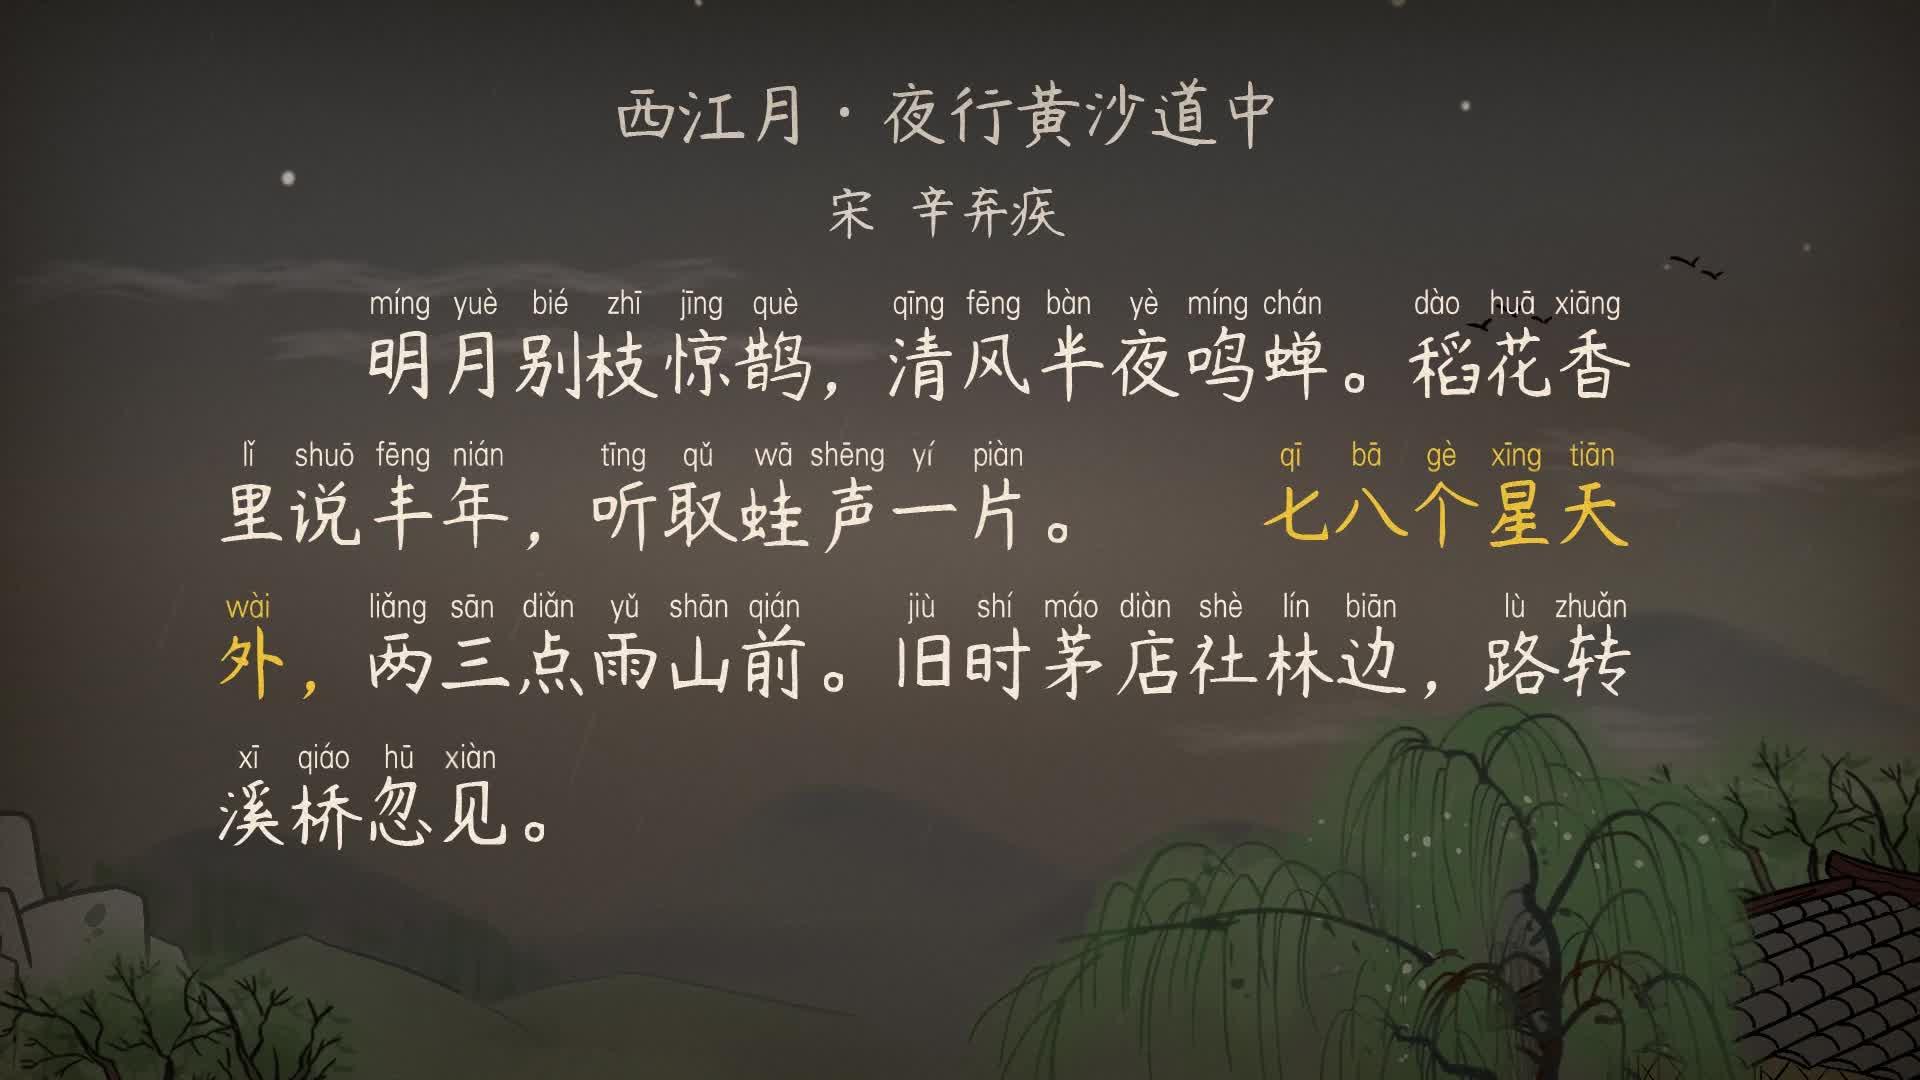 《小学古诗》91西江月·夜行黄沙道中-宋 辛弃疾